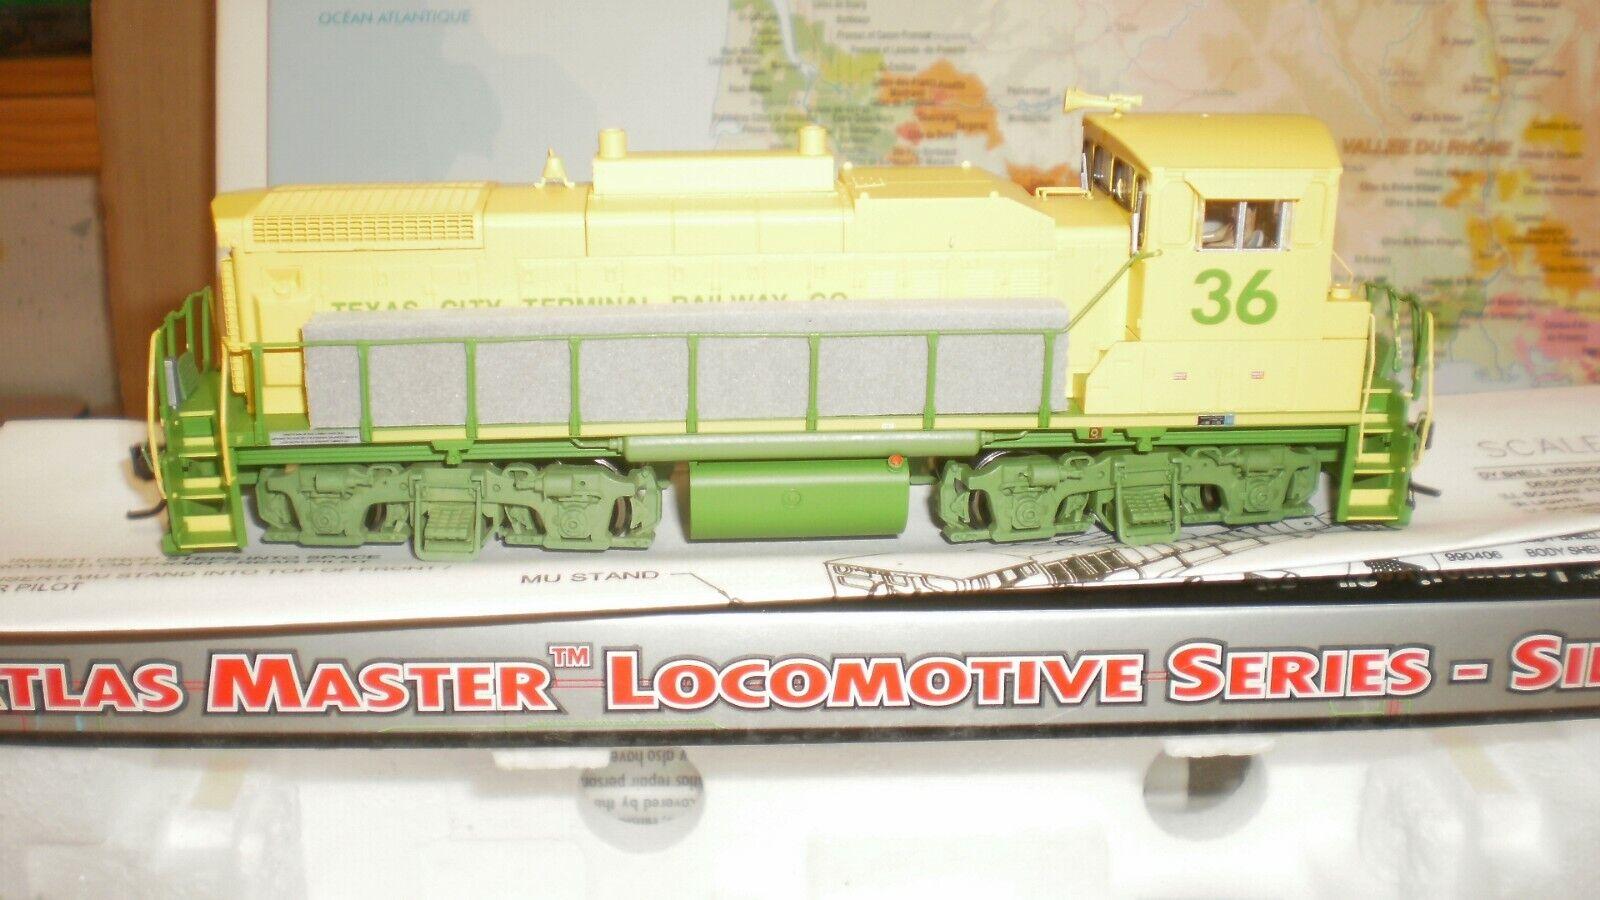 Loco diesel MP15 DC Texas città Terminal USA Atla argento édit. limitée HO